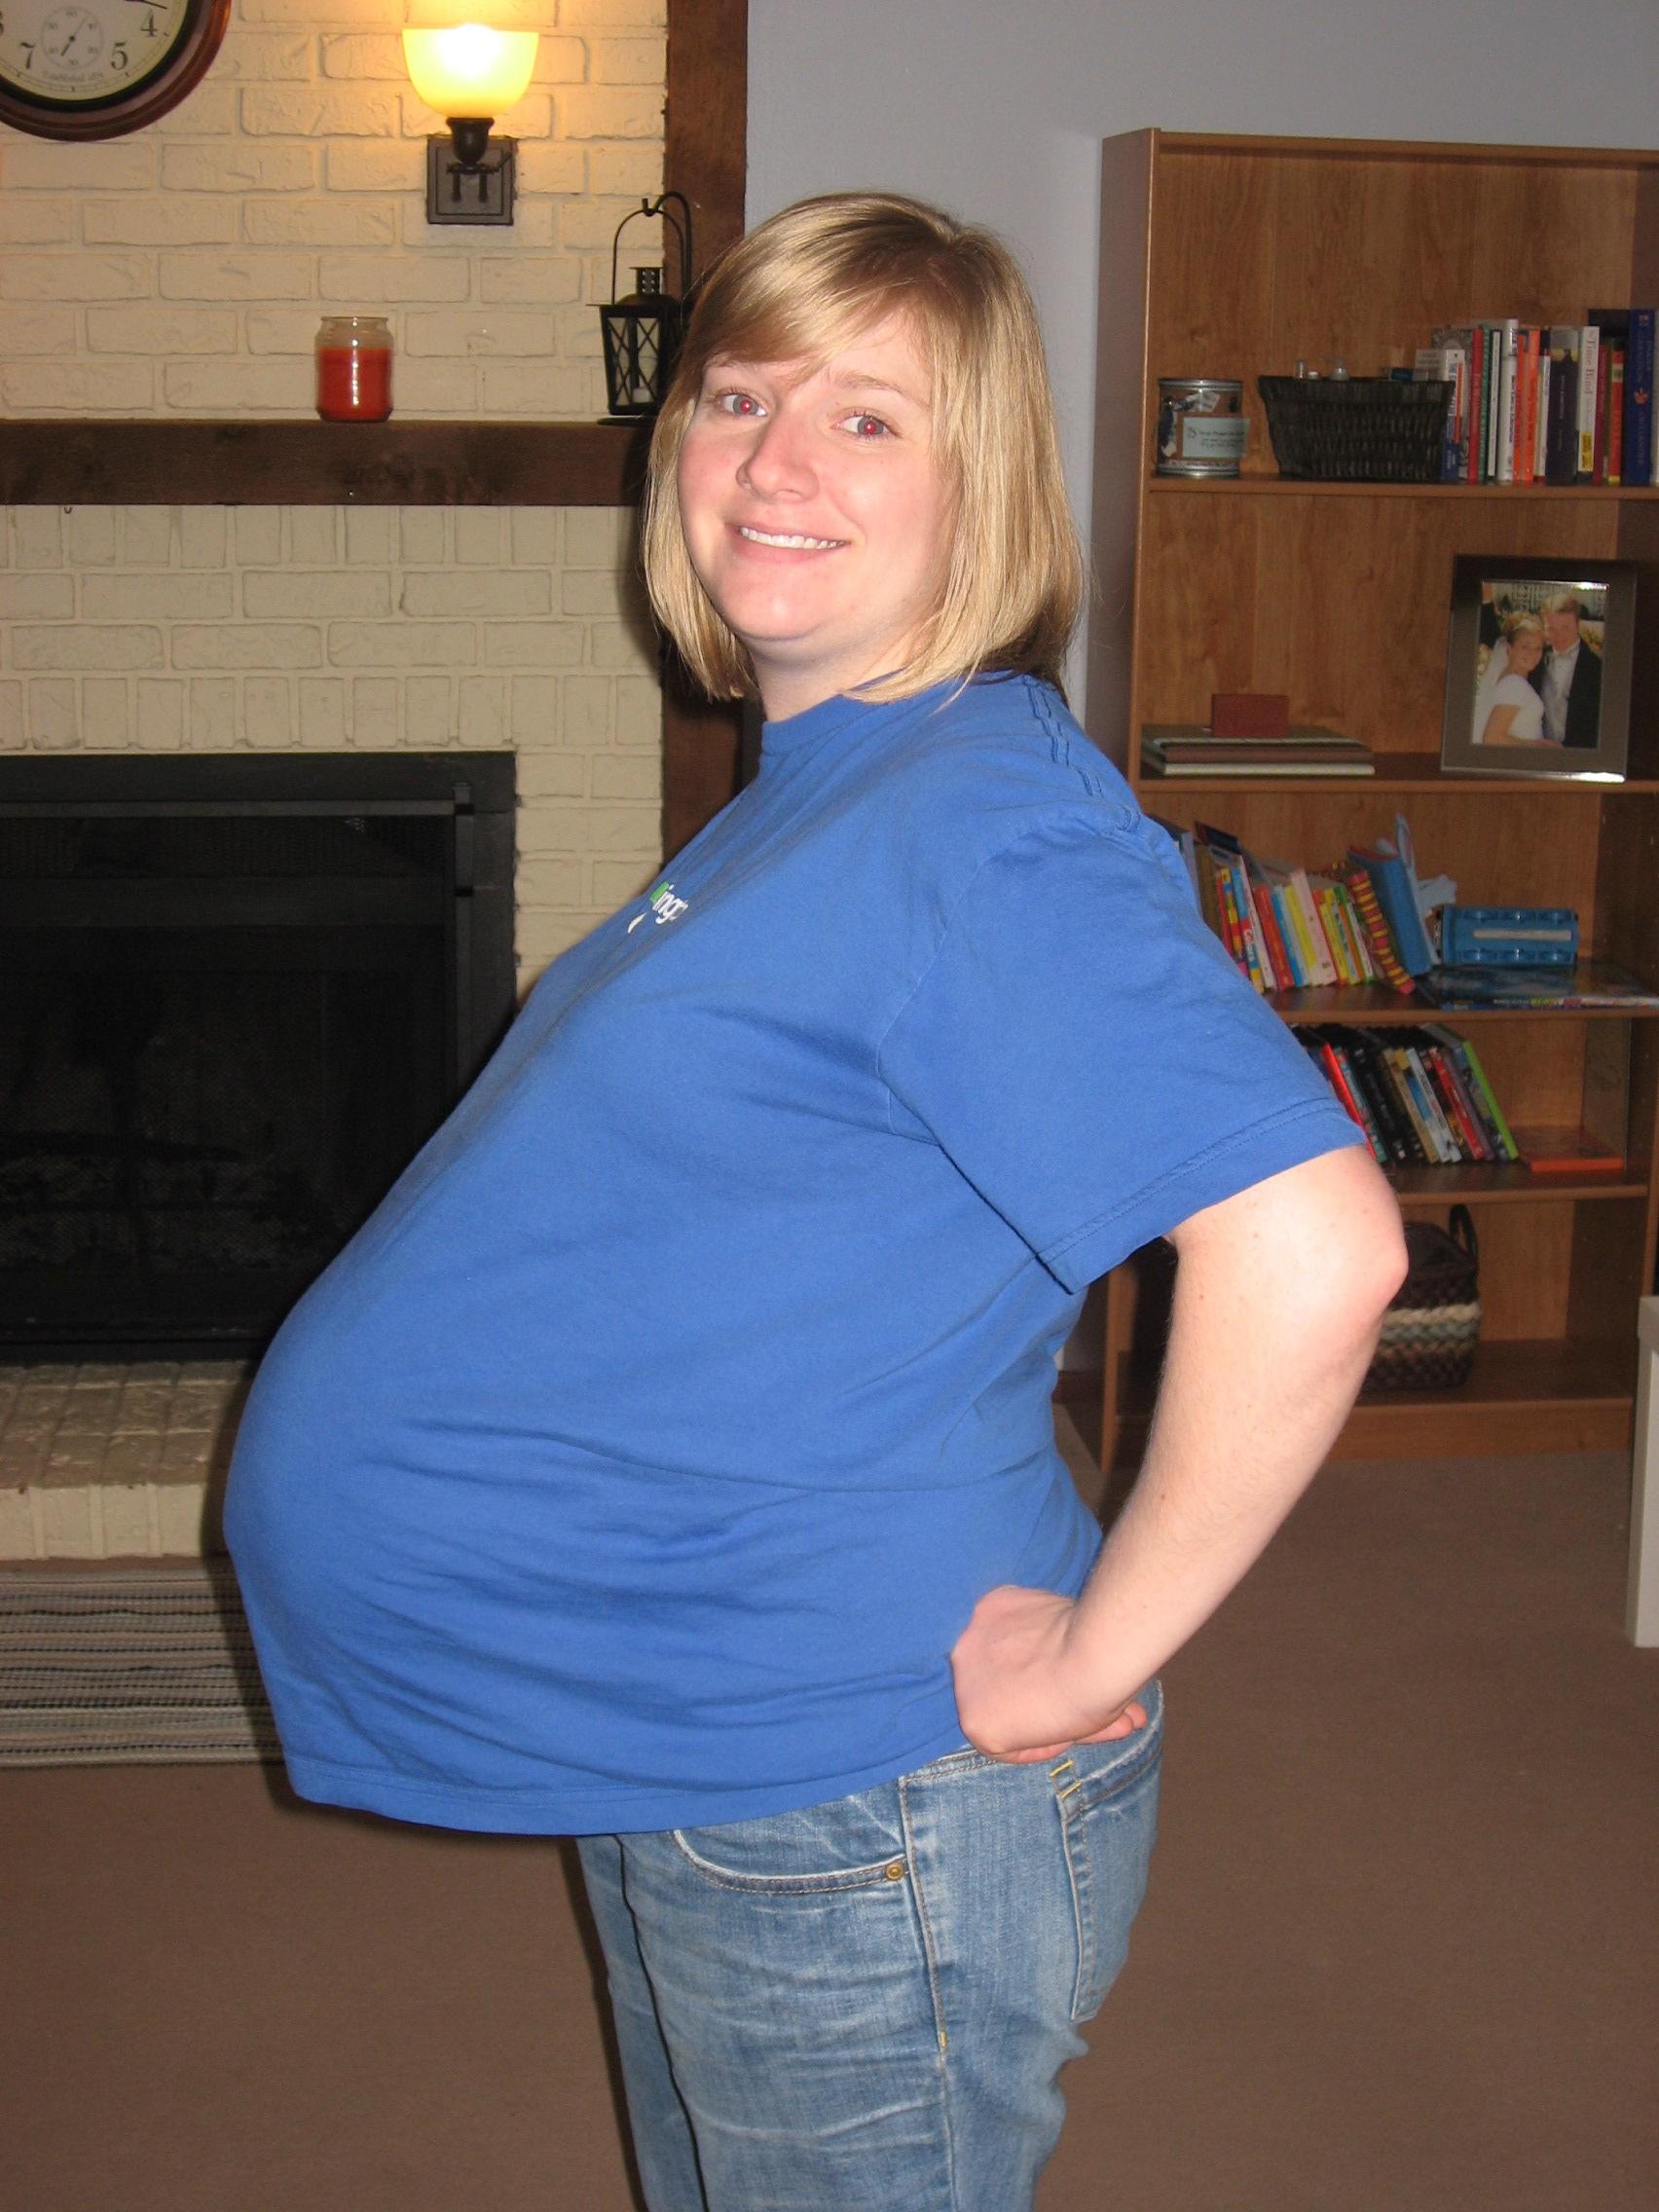 Fat Pregnant Pics 56